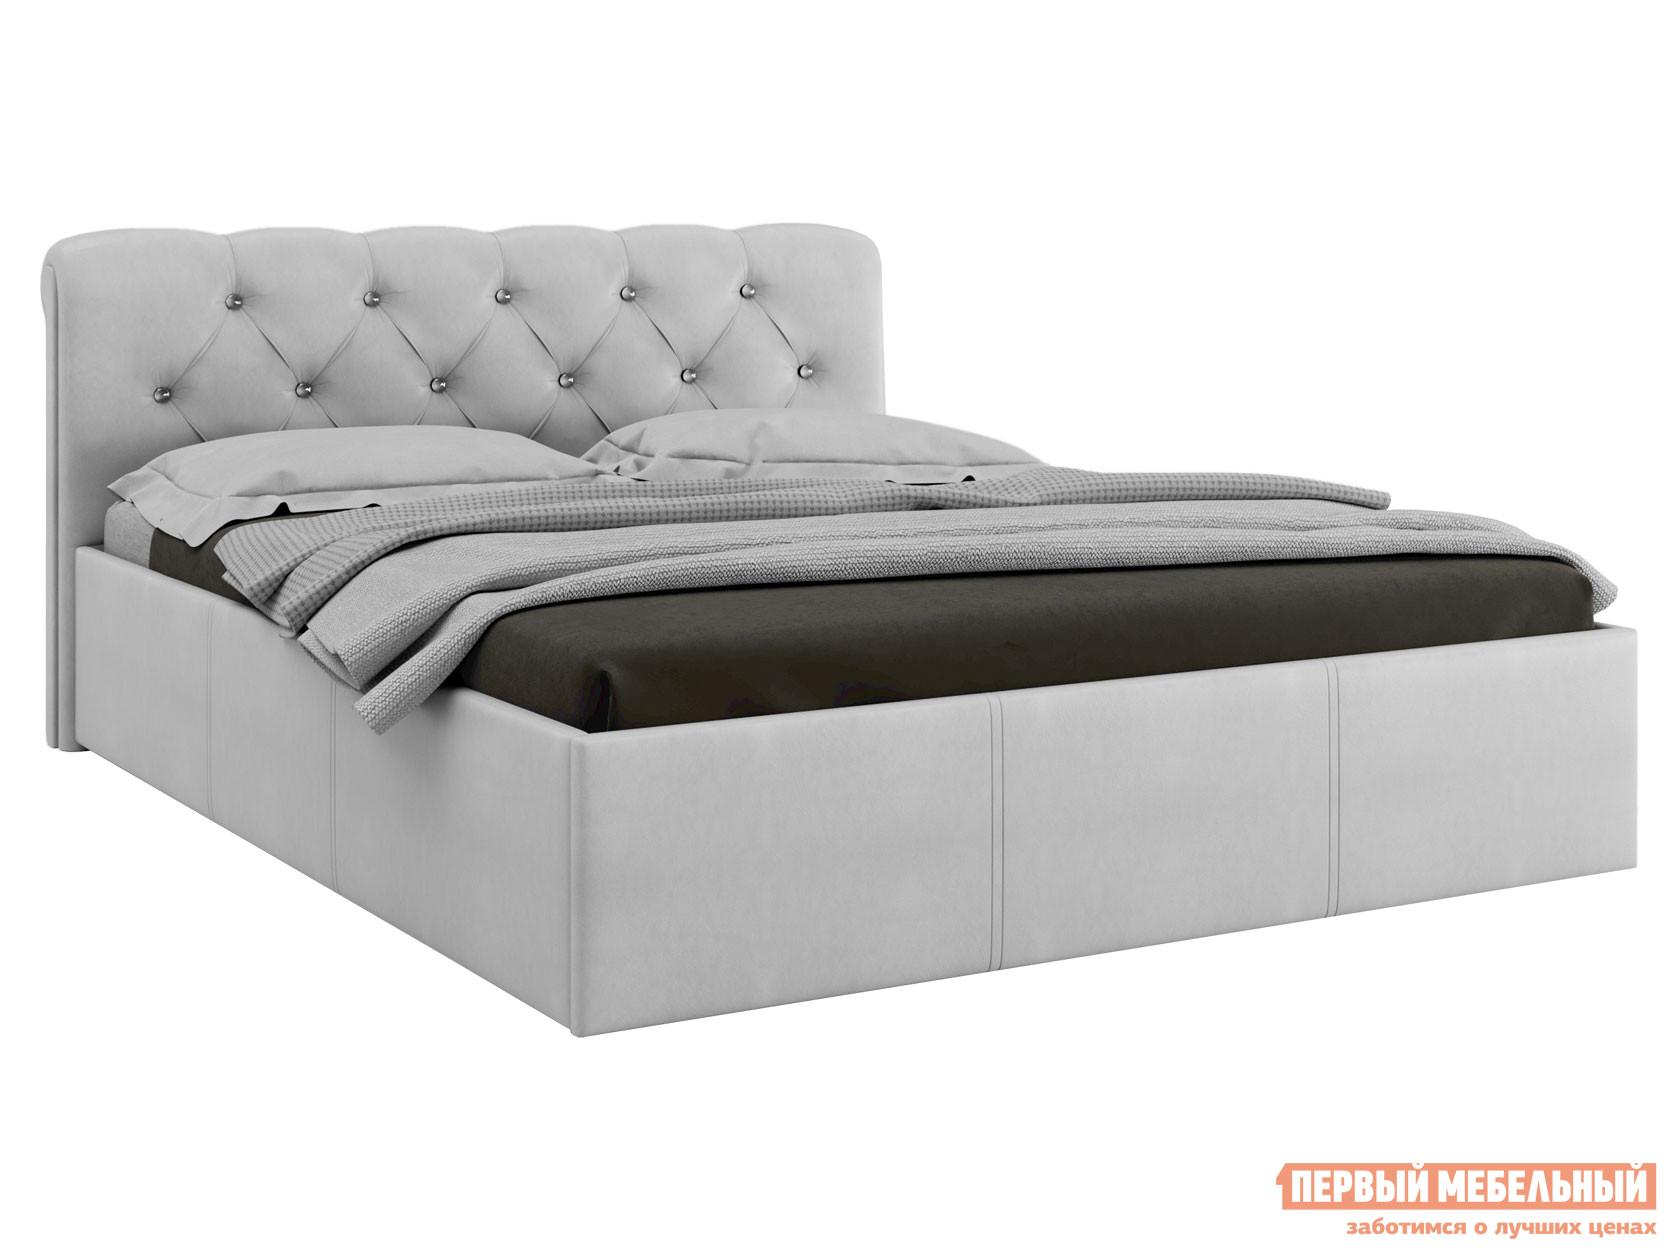 Двуспальная кровать  Кровать с ПМ Калипсо Белый, экокожа, 1400 Х 2000 мм